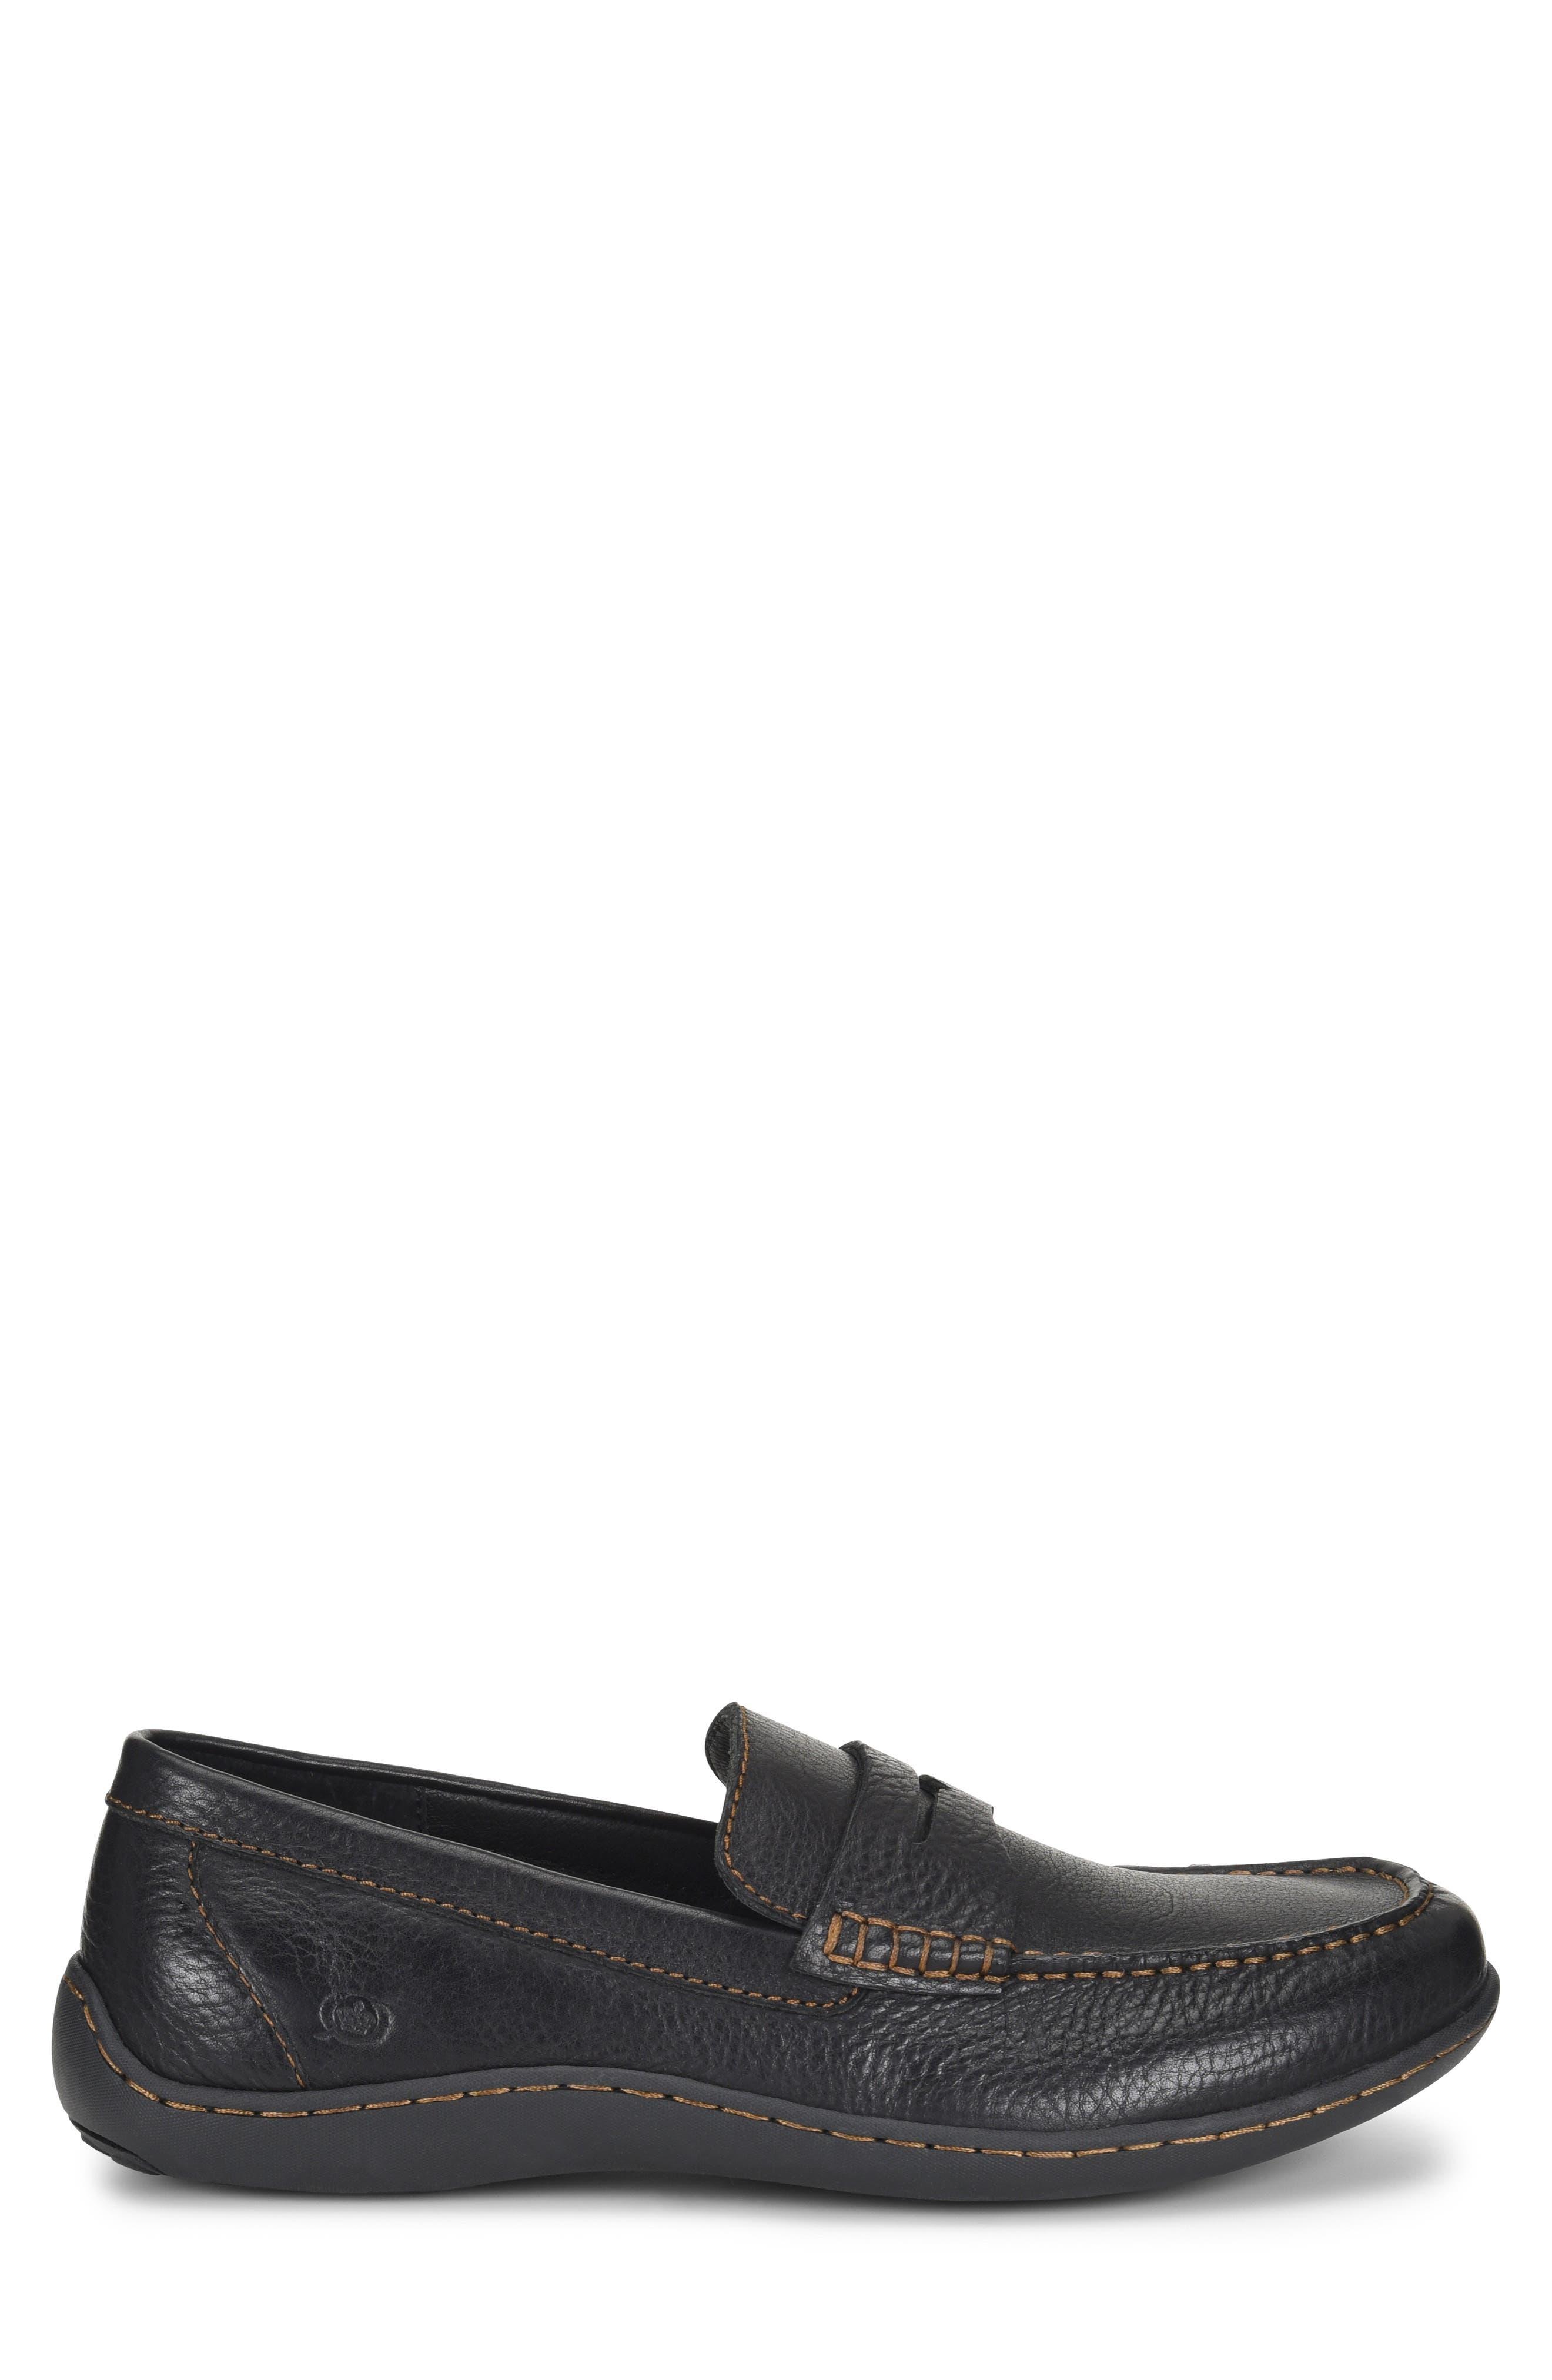 Simon II Driving Shoe,                             Alternate thumbnail 3, color,                             BLACK LEATHER